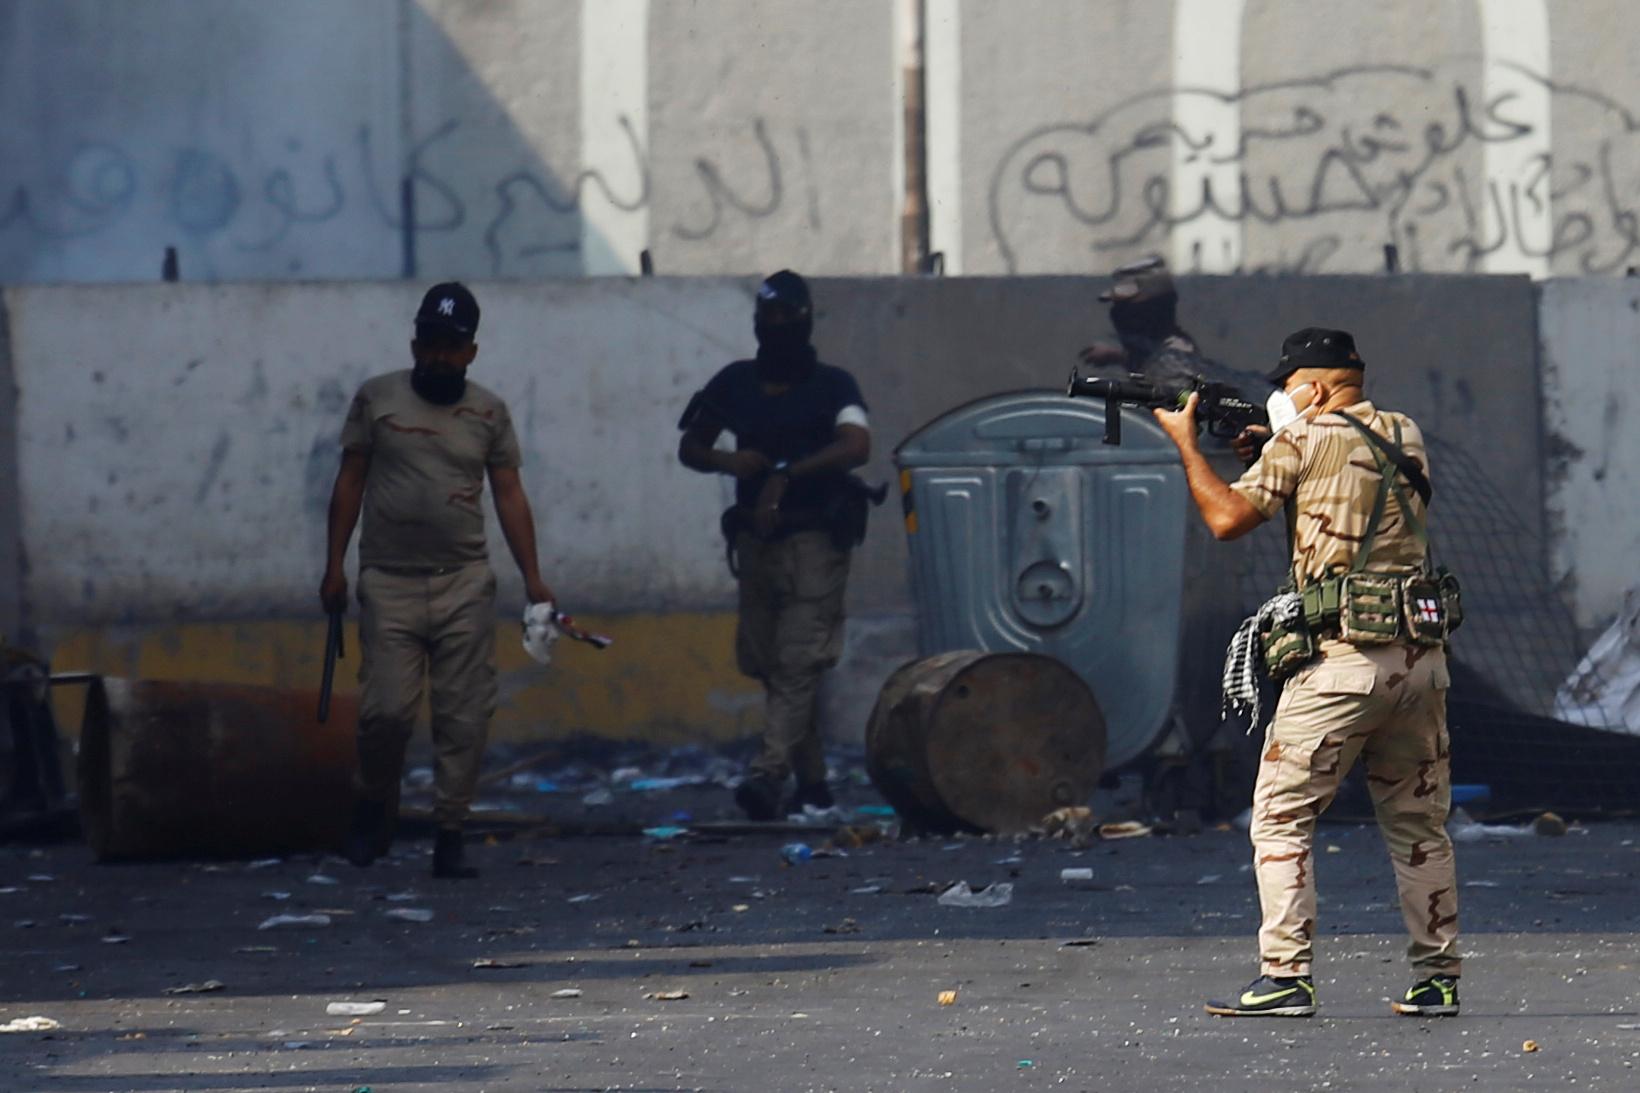 عناصر أمن خلال الاحتجاجات المستمرة في بغداد